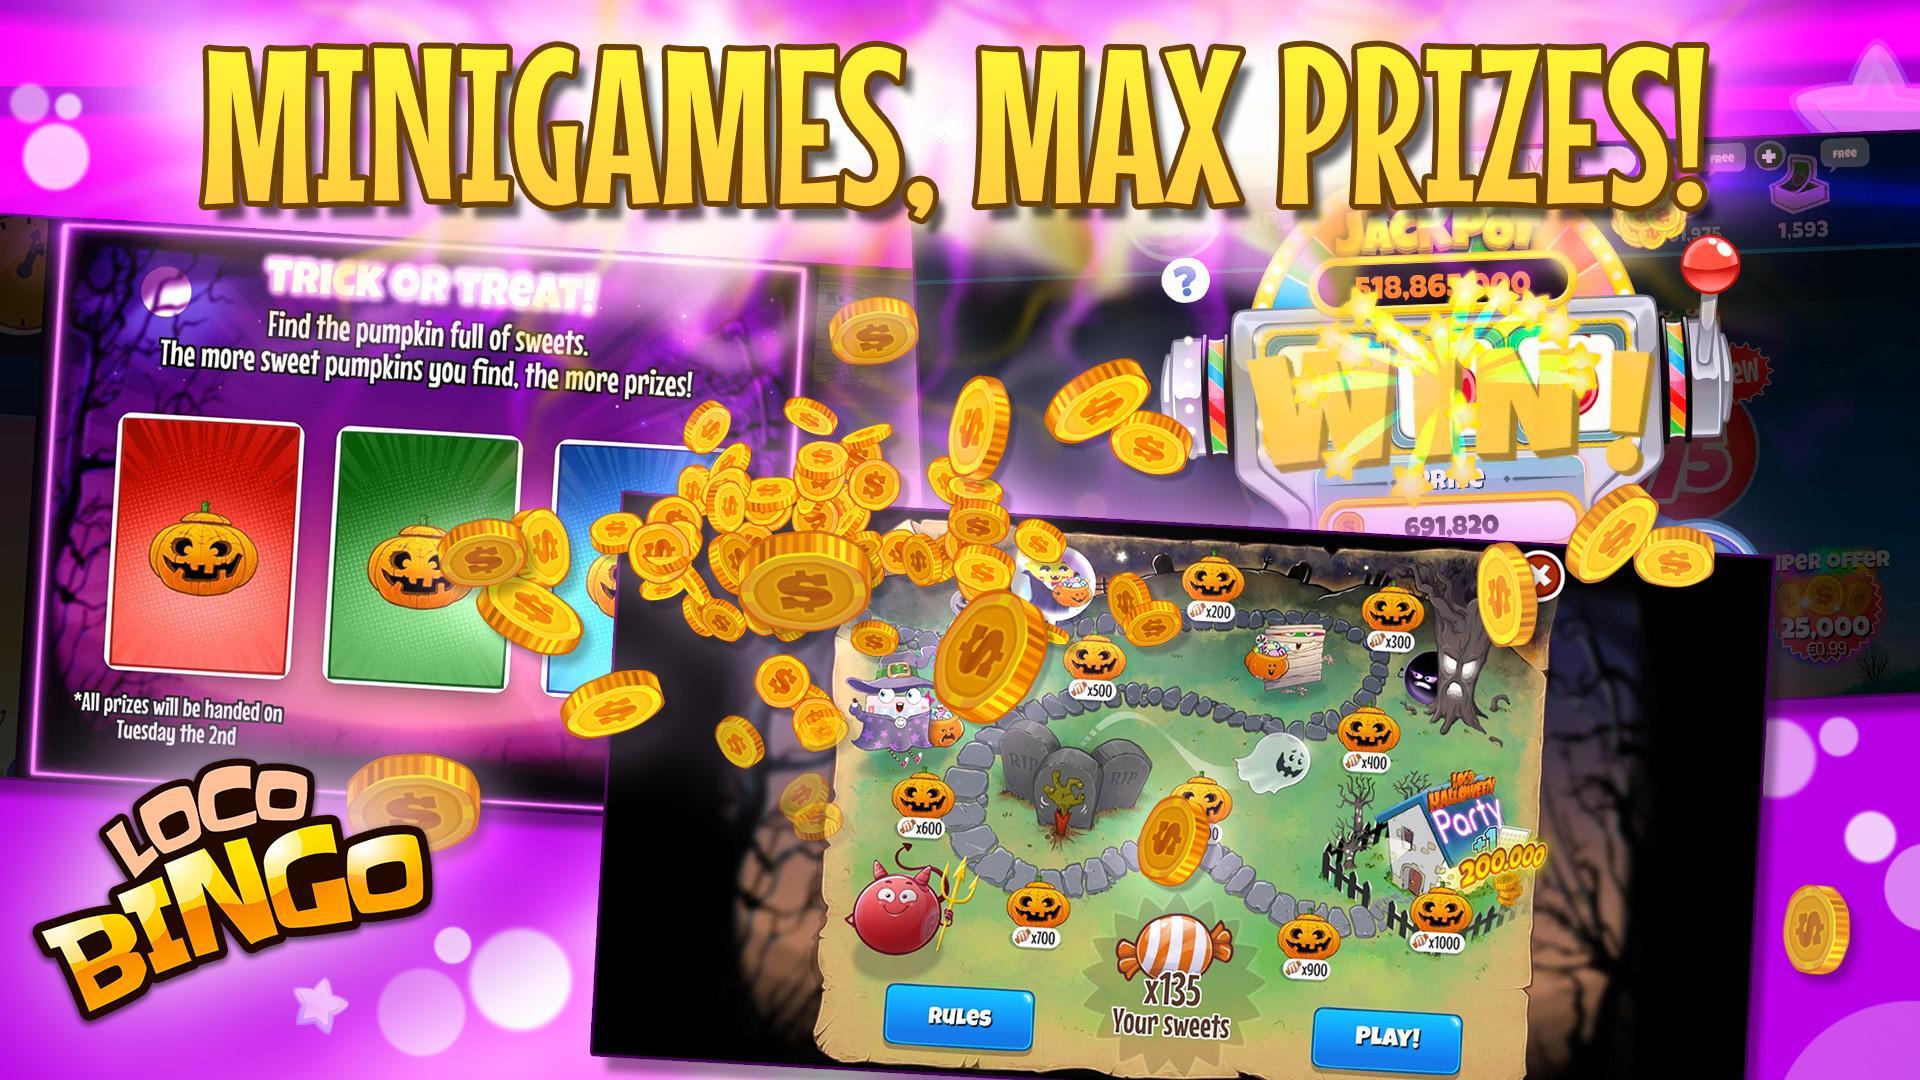 Bingo Brazil jogos de 326979